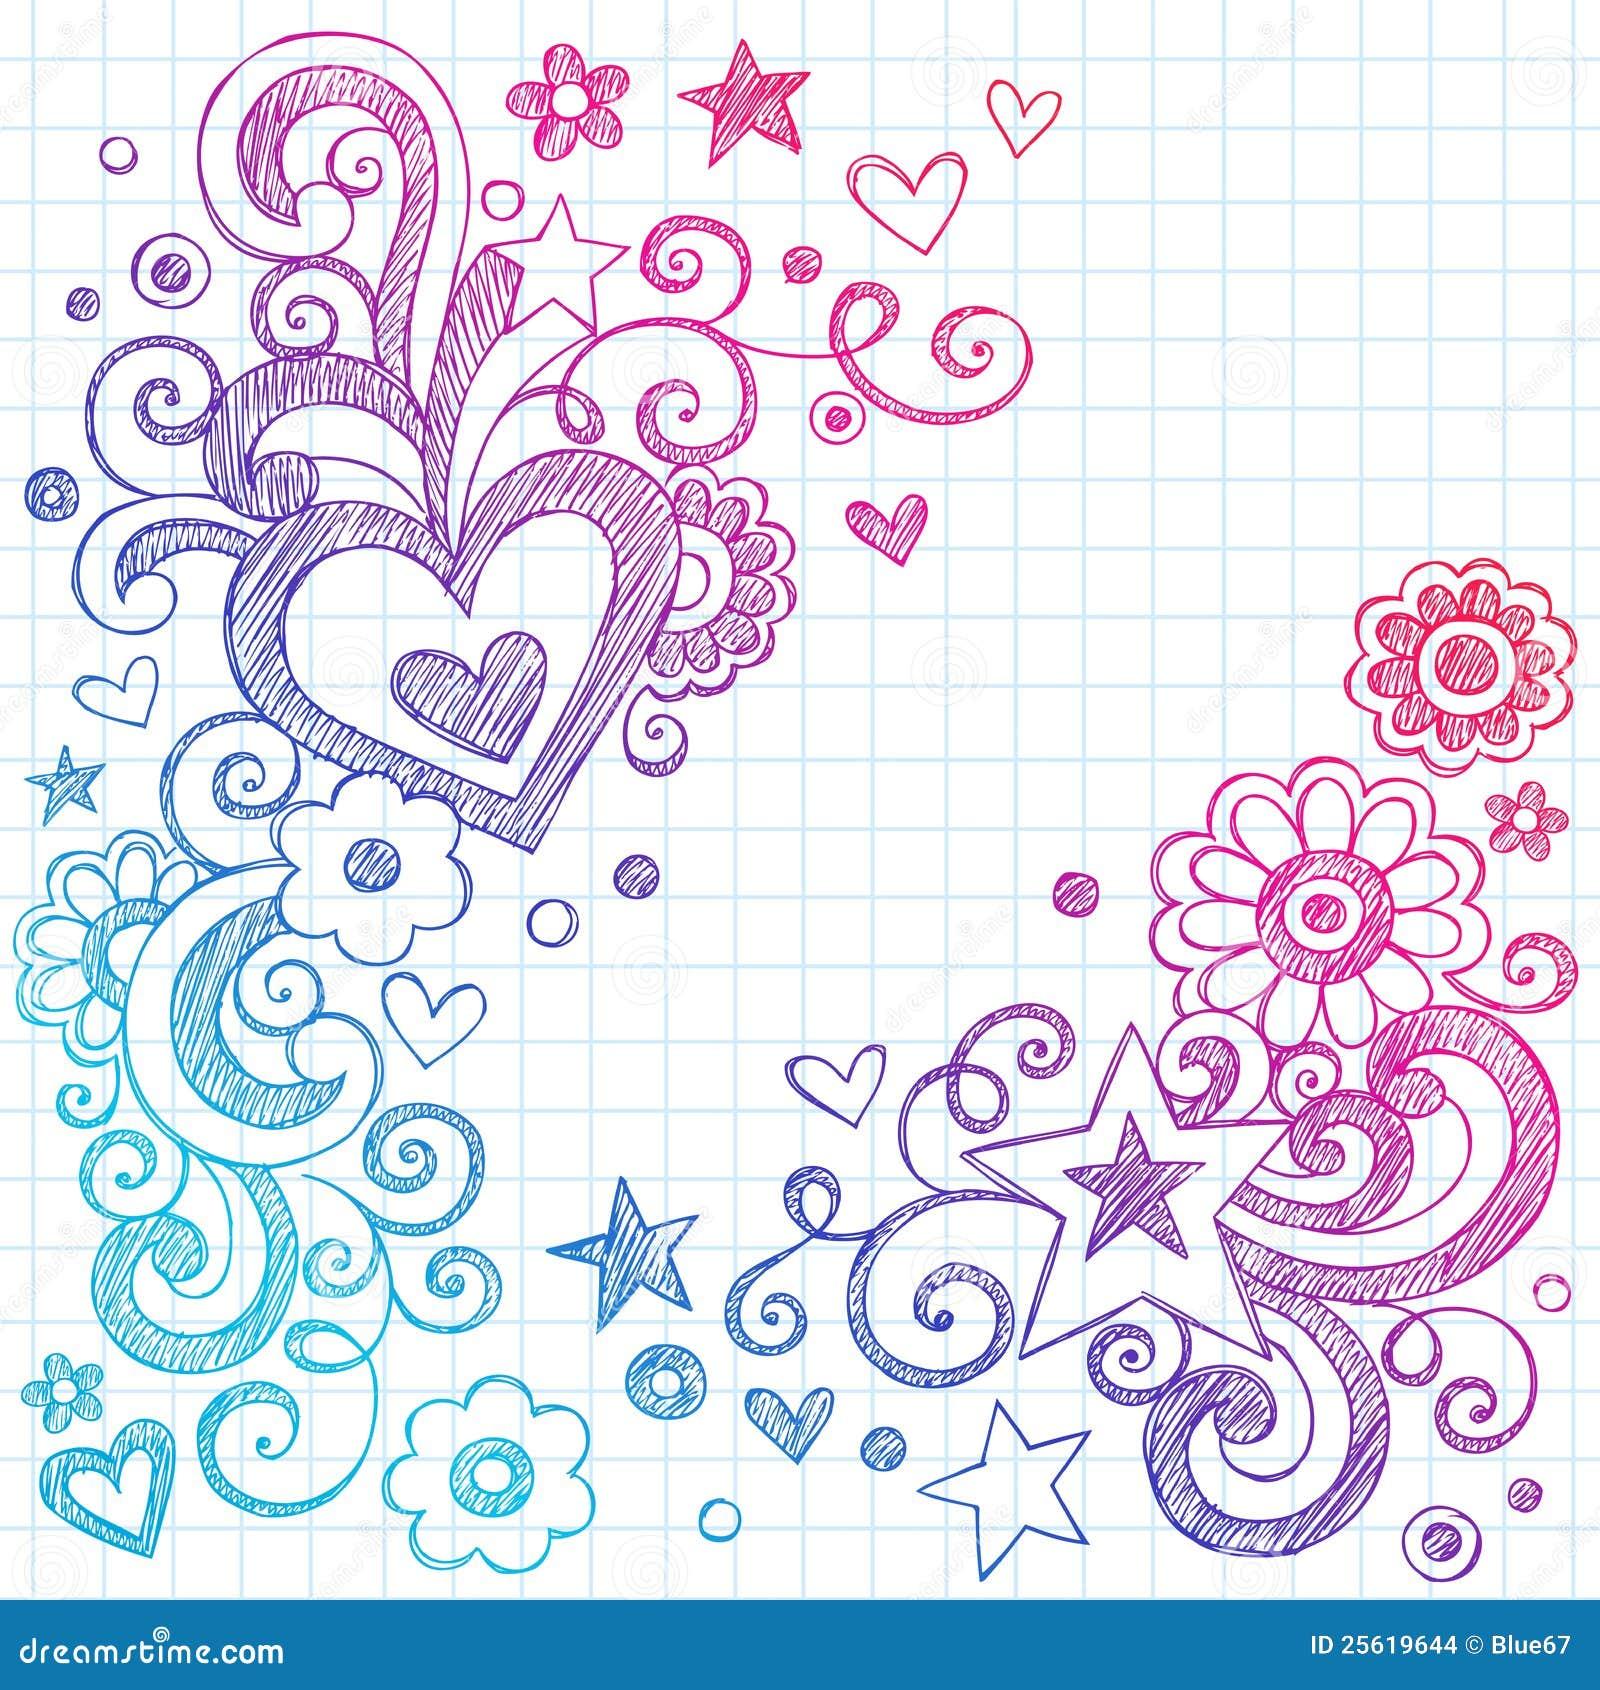 Hearts love sketchy doodles vector design elements stock for Decoraciones para hojas